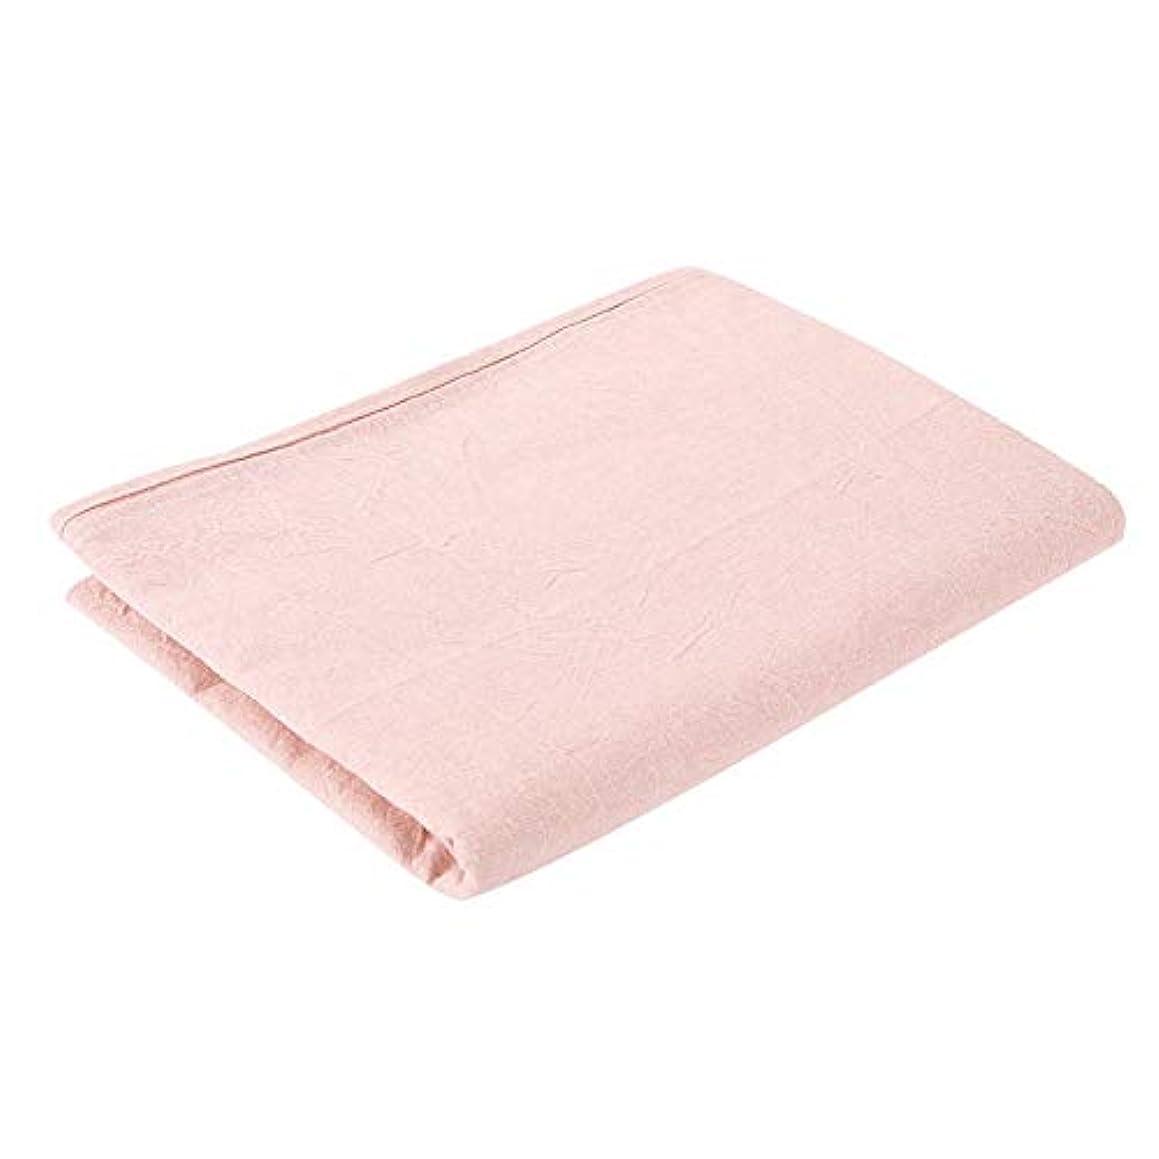 若者キャンドルシンポジウム通気性のある 穴が付いている 8色 美容院 マッサージ 鉱泉 ソファー 顔の呼吸穴が付いている カバー 柔らかい 綿 ベッド カバー(07)